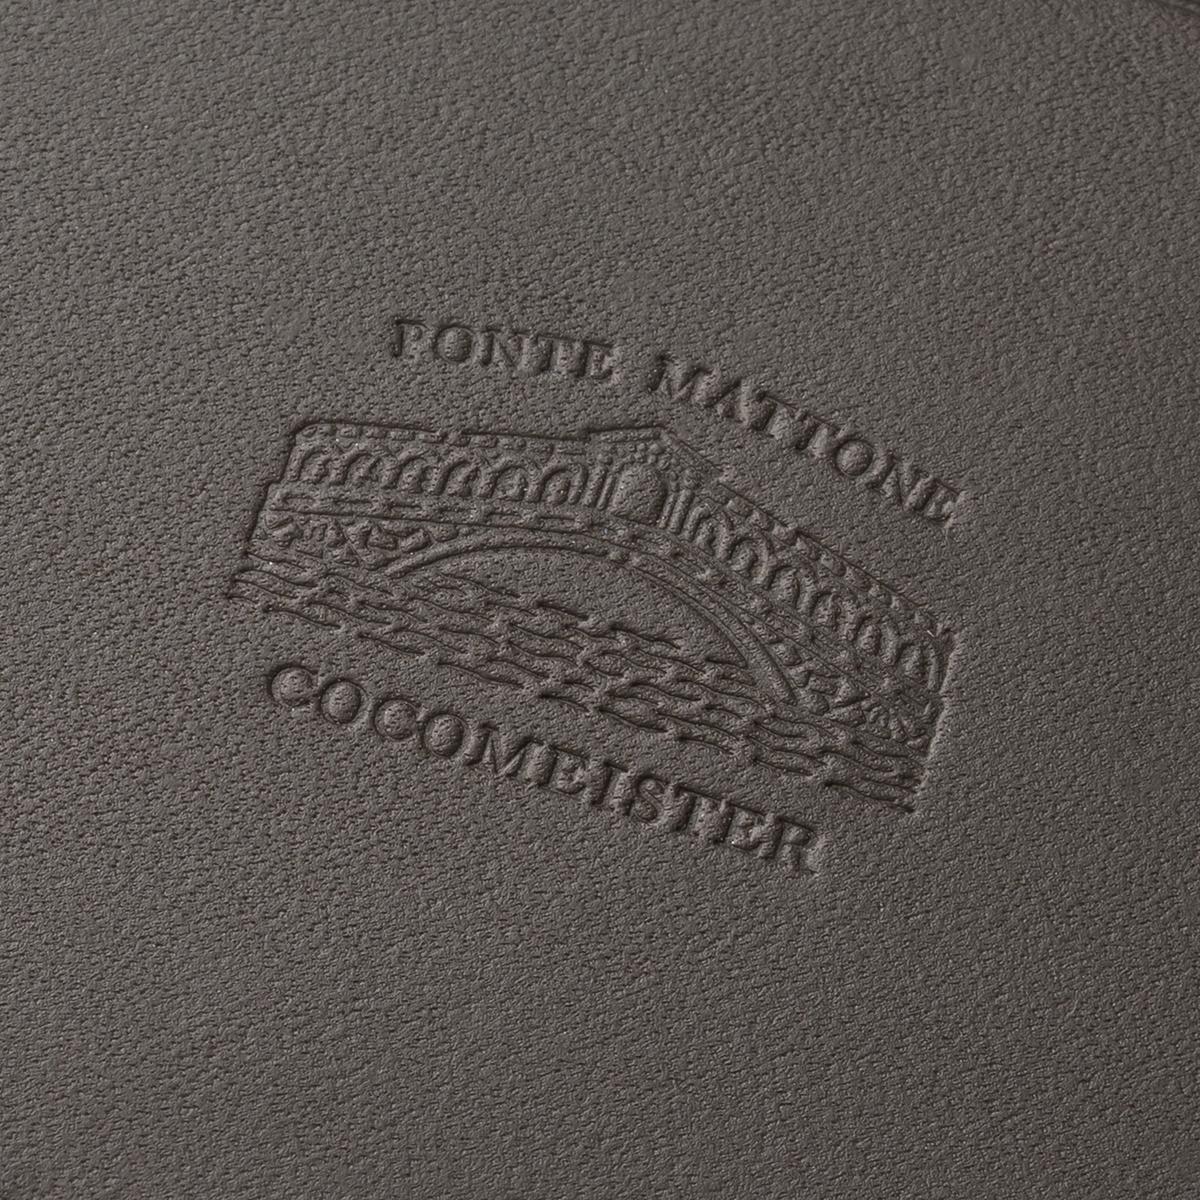 ポンテマットーネ・ファーブラーの刻印